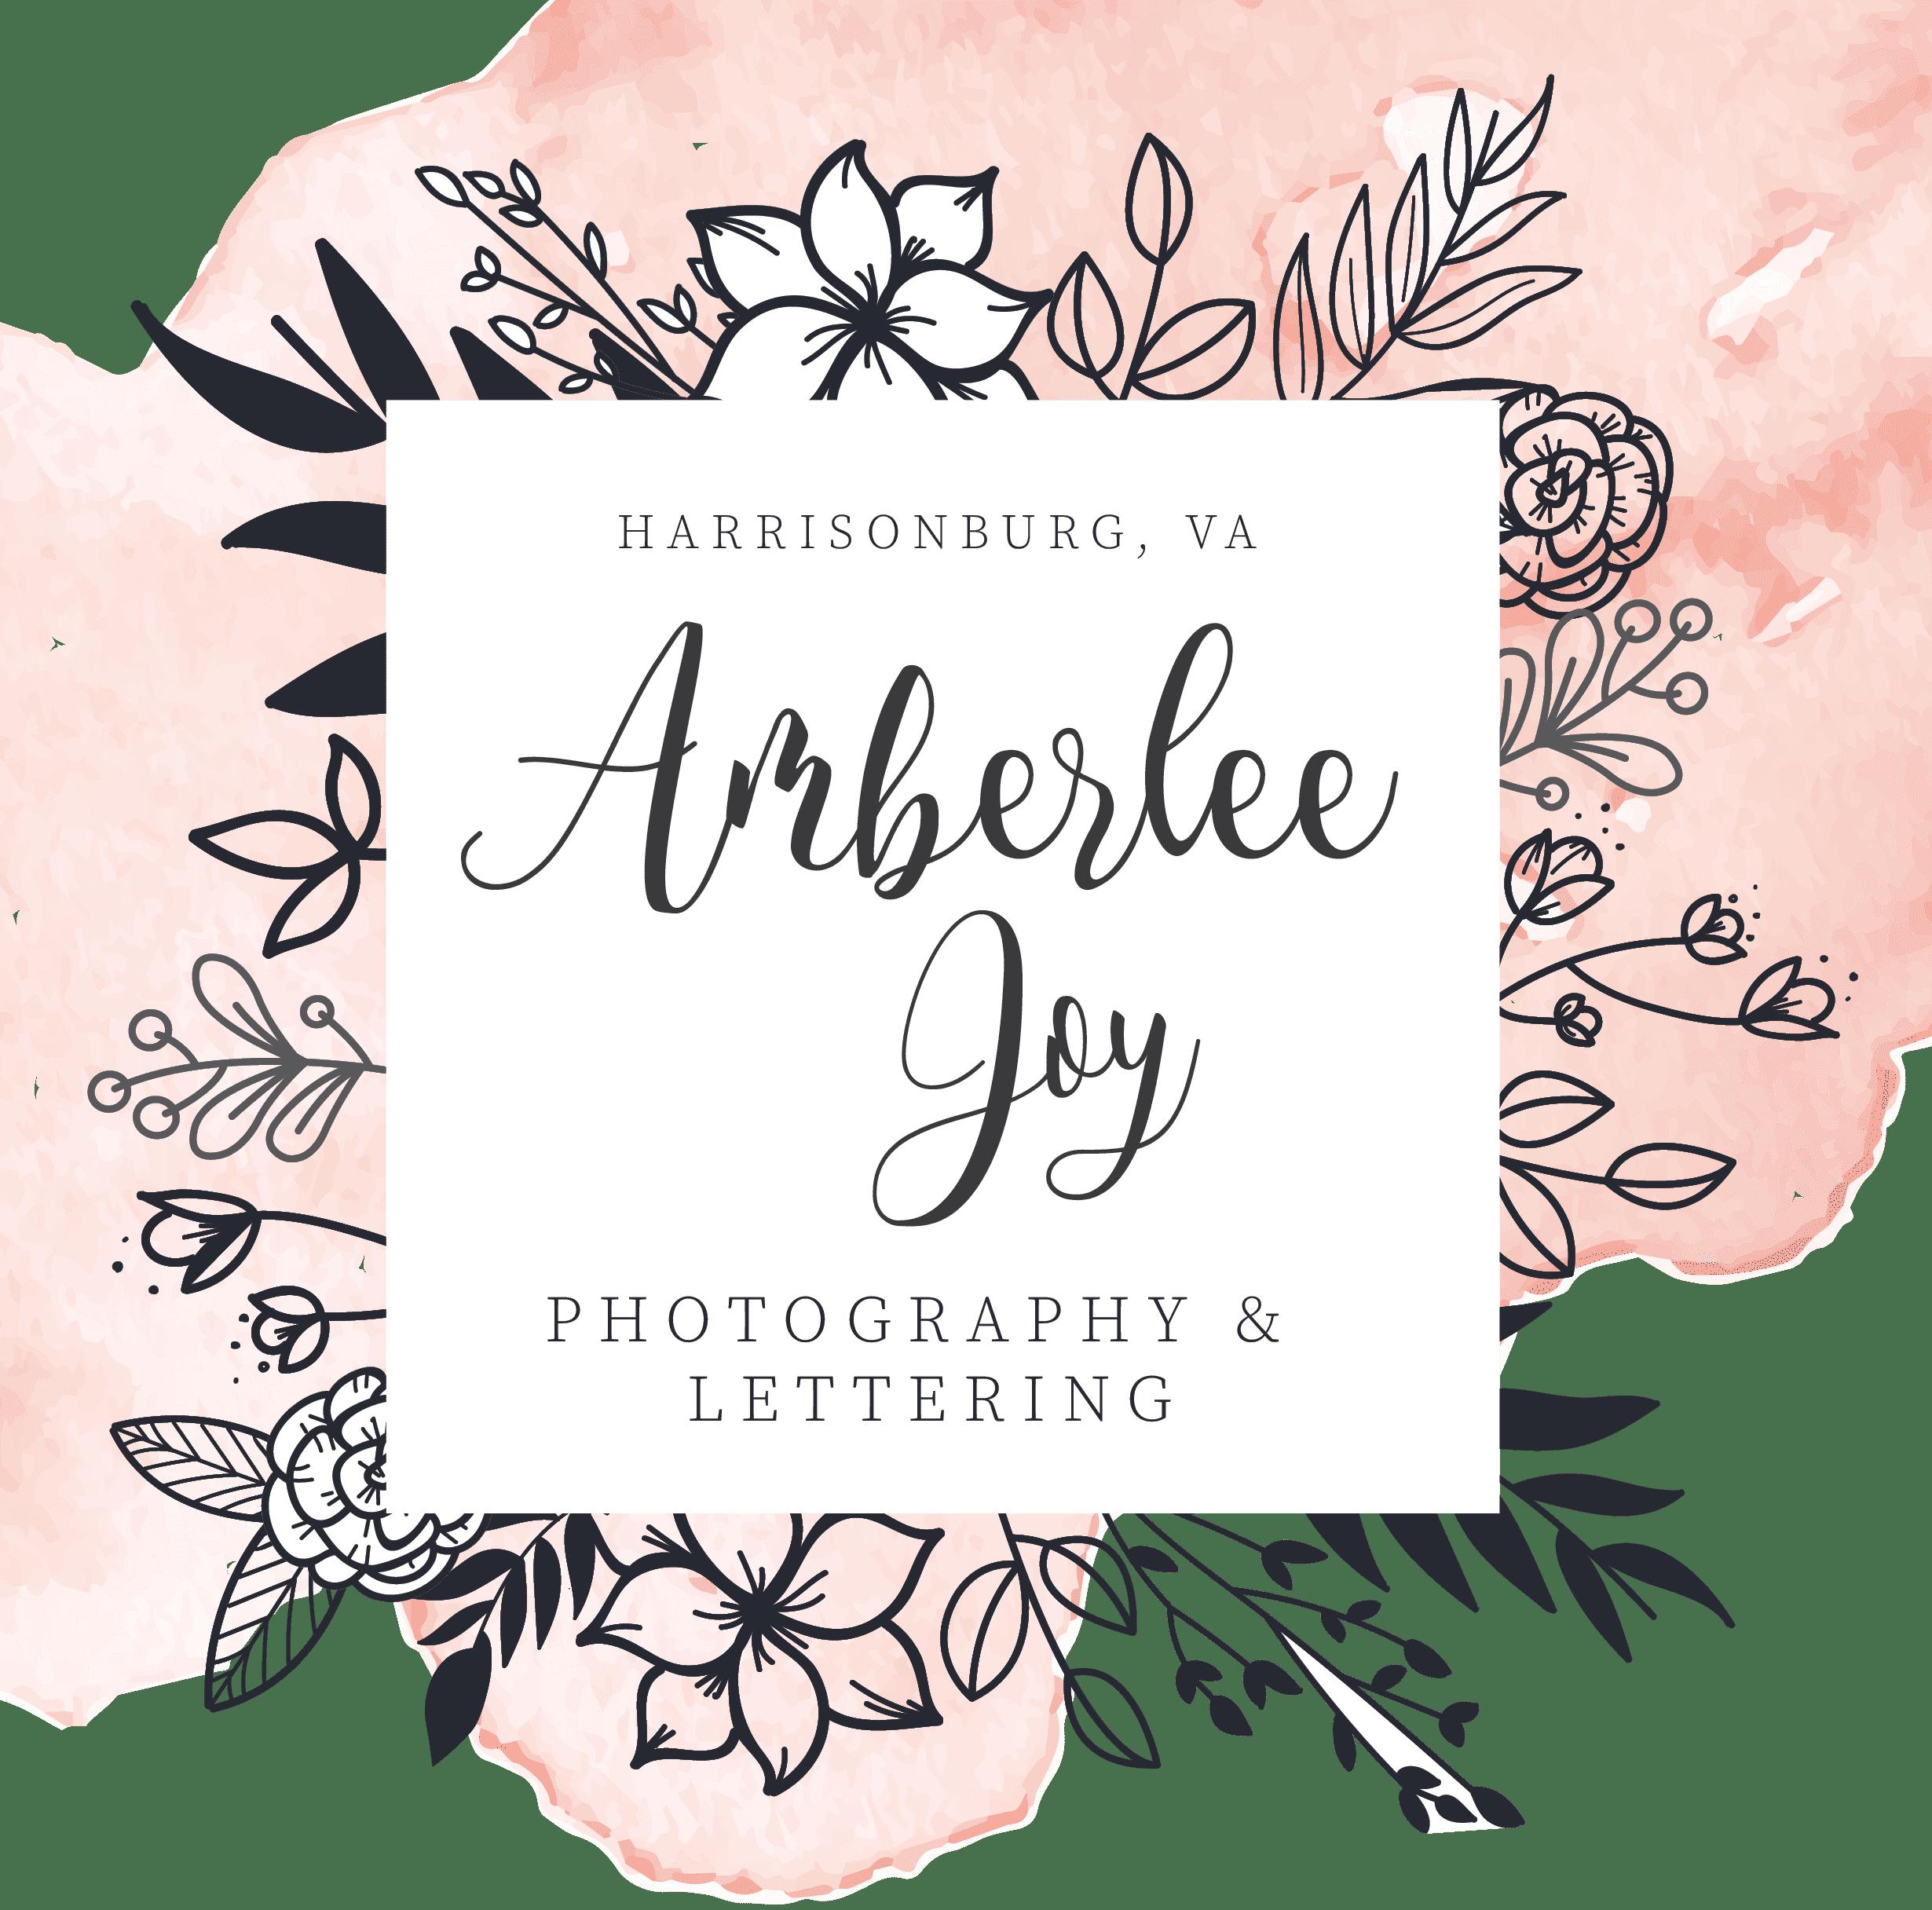 Amberlee Joy Photography